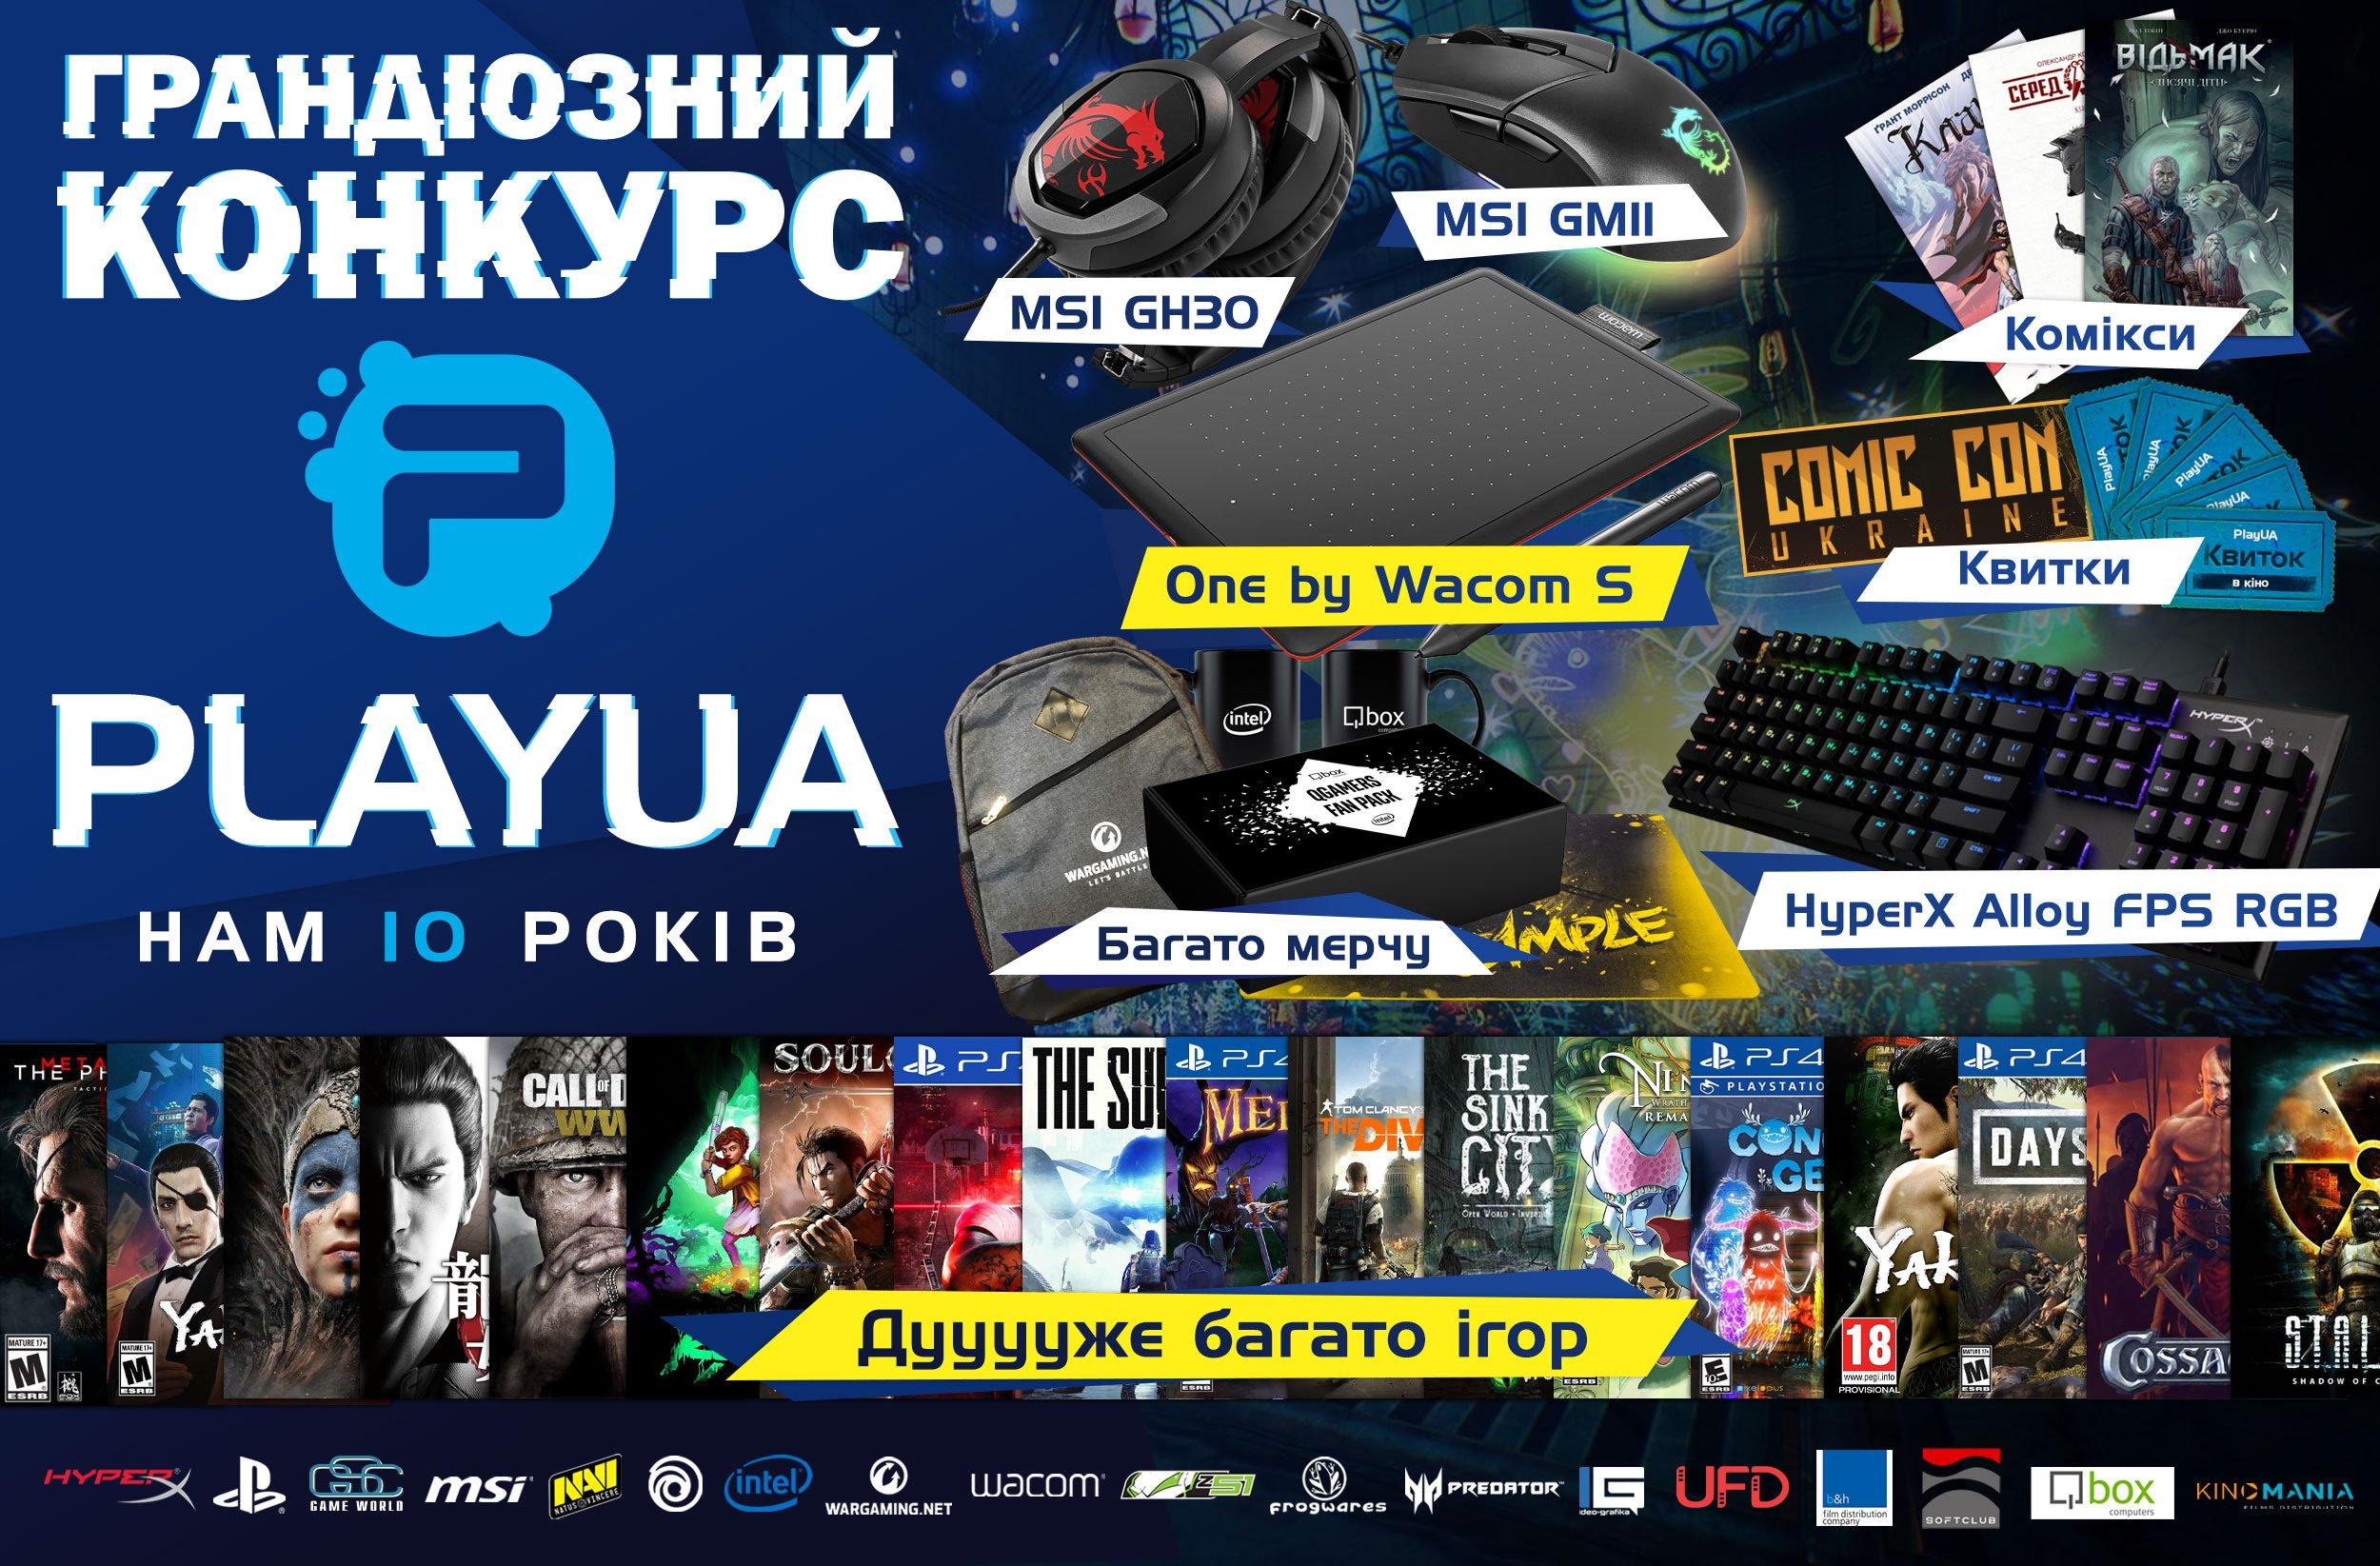 Грандіозний конкурс. PlayUA 10 років!